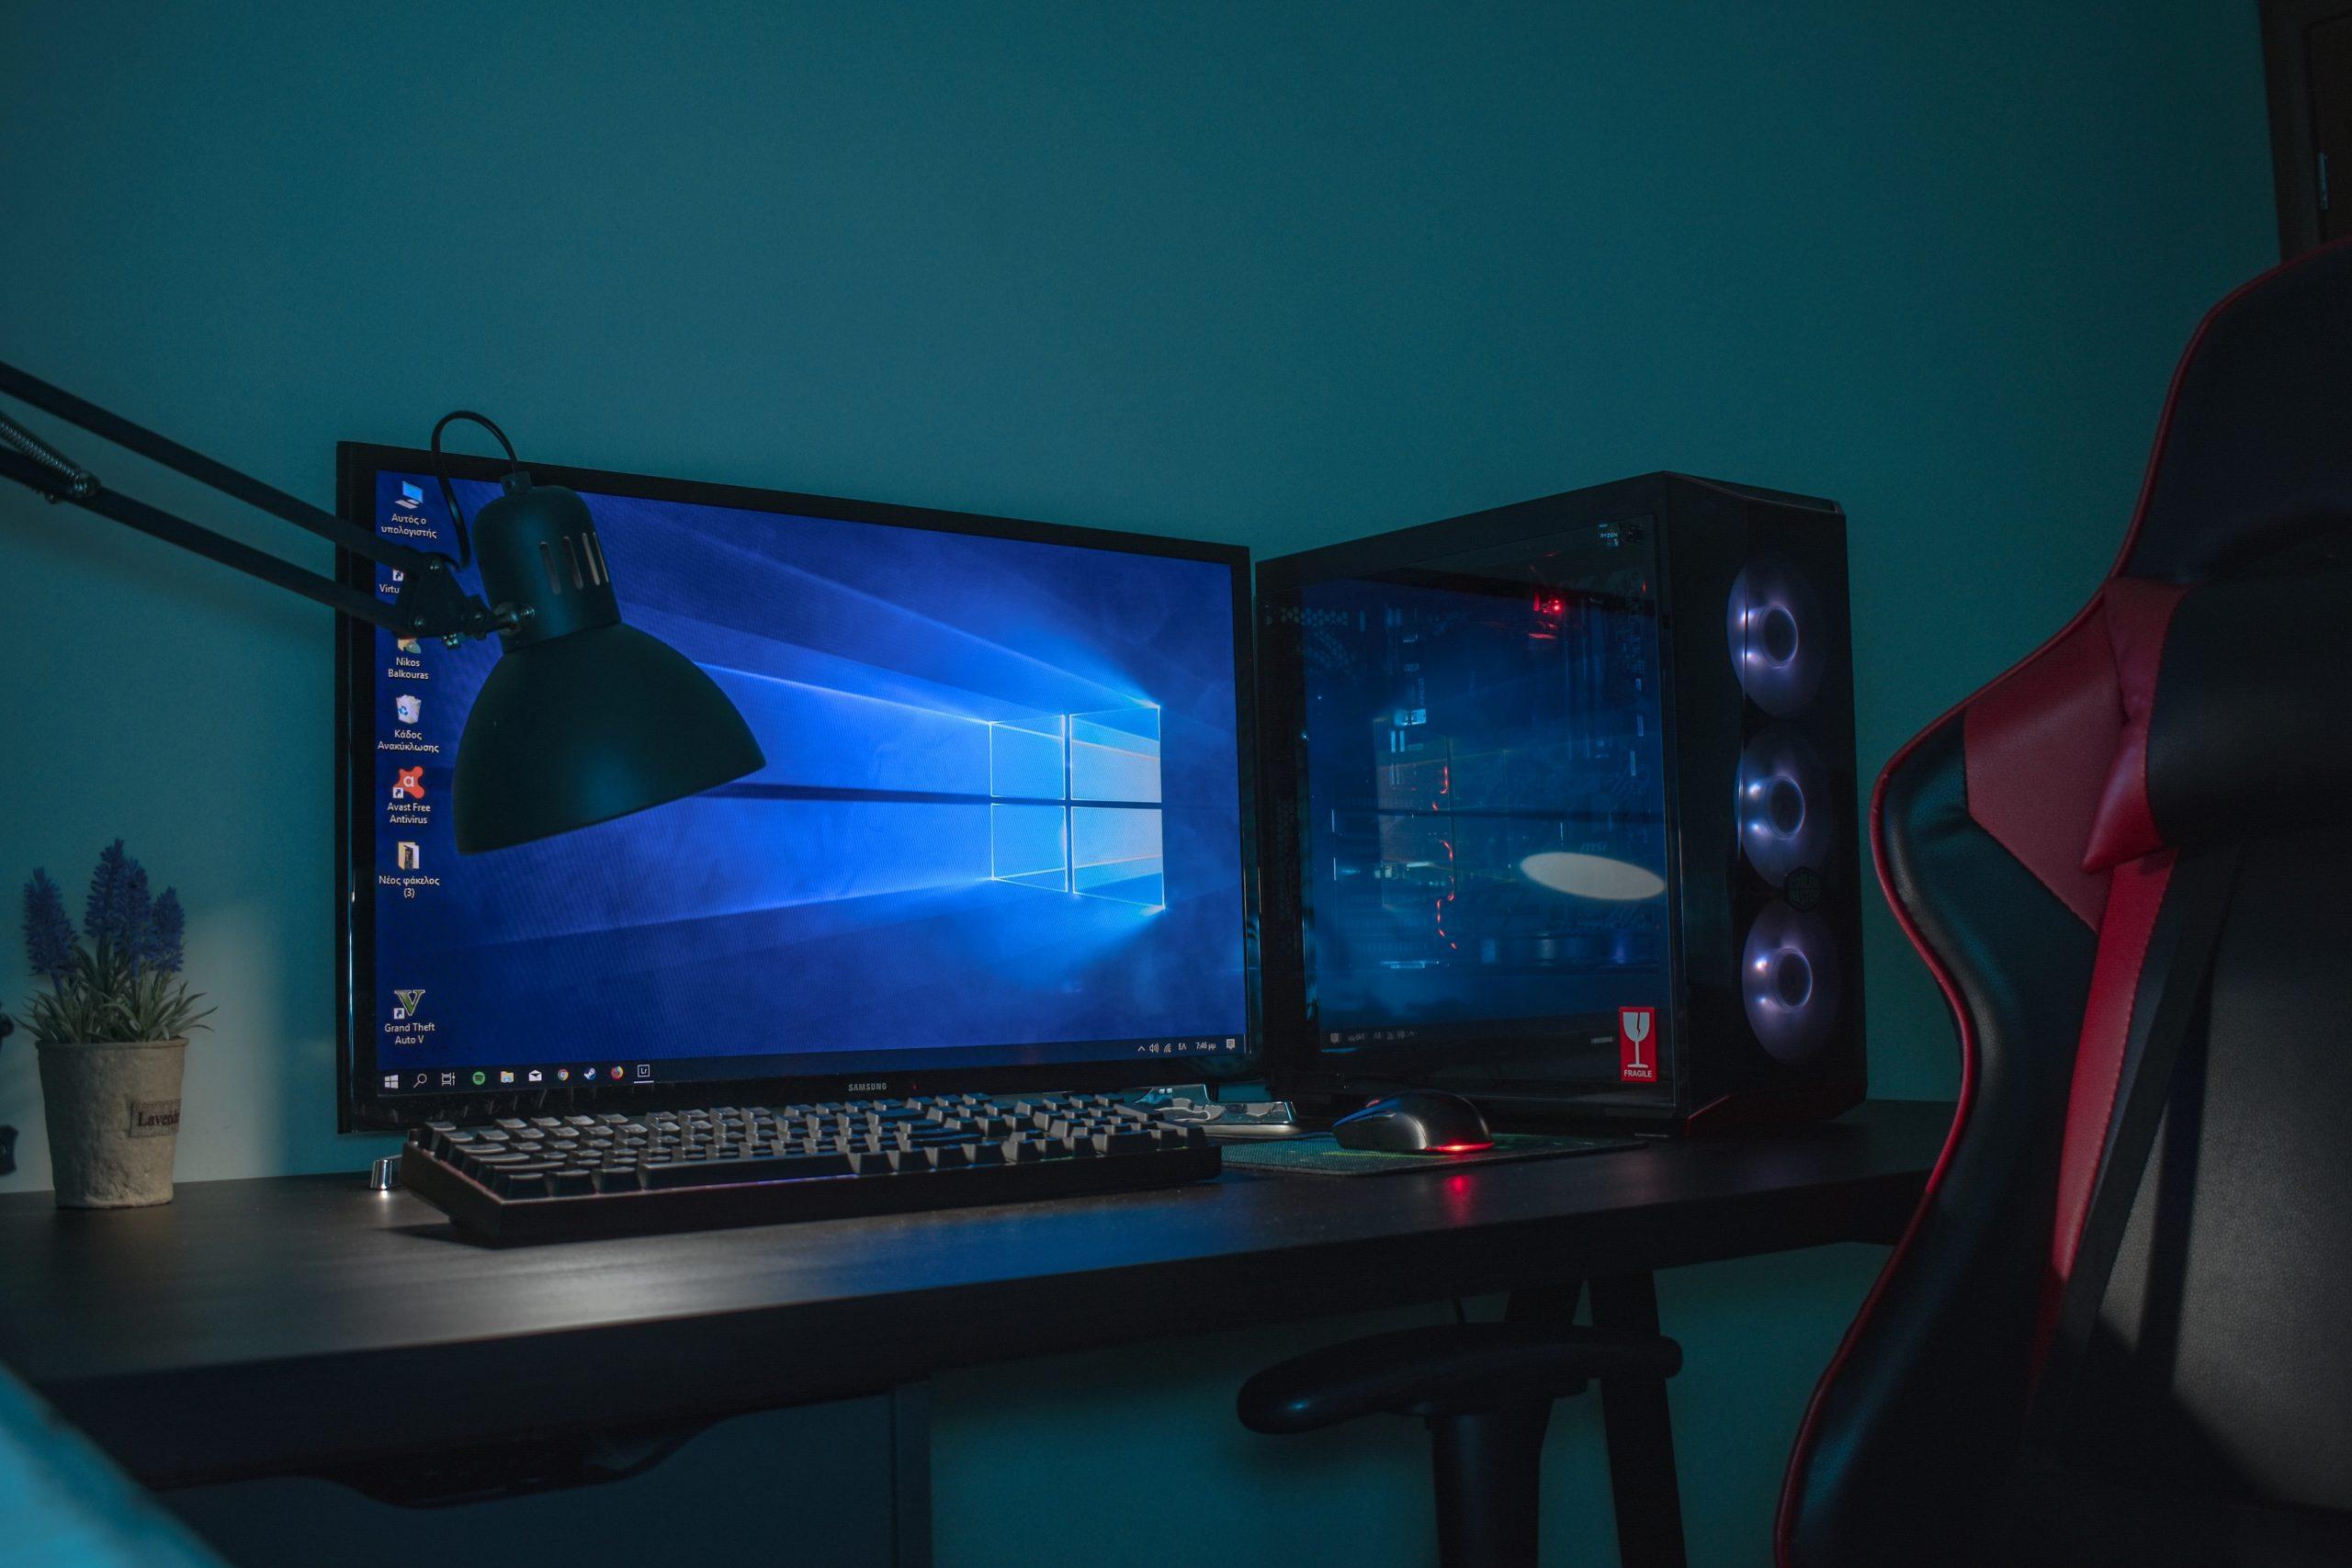 Miglior PC gaming 2020: Guida all'acquisto